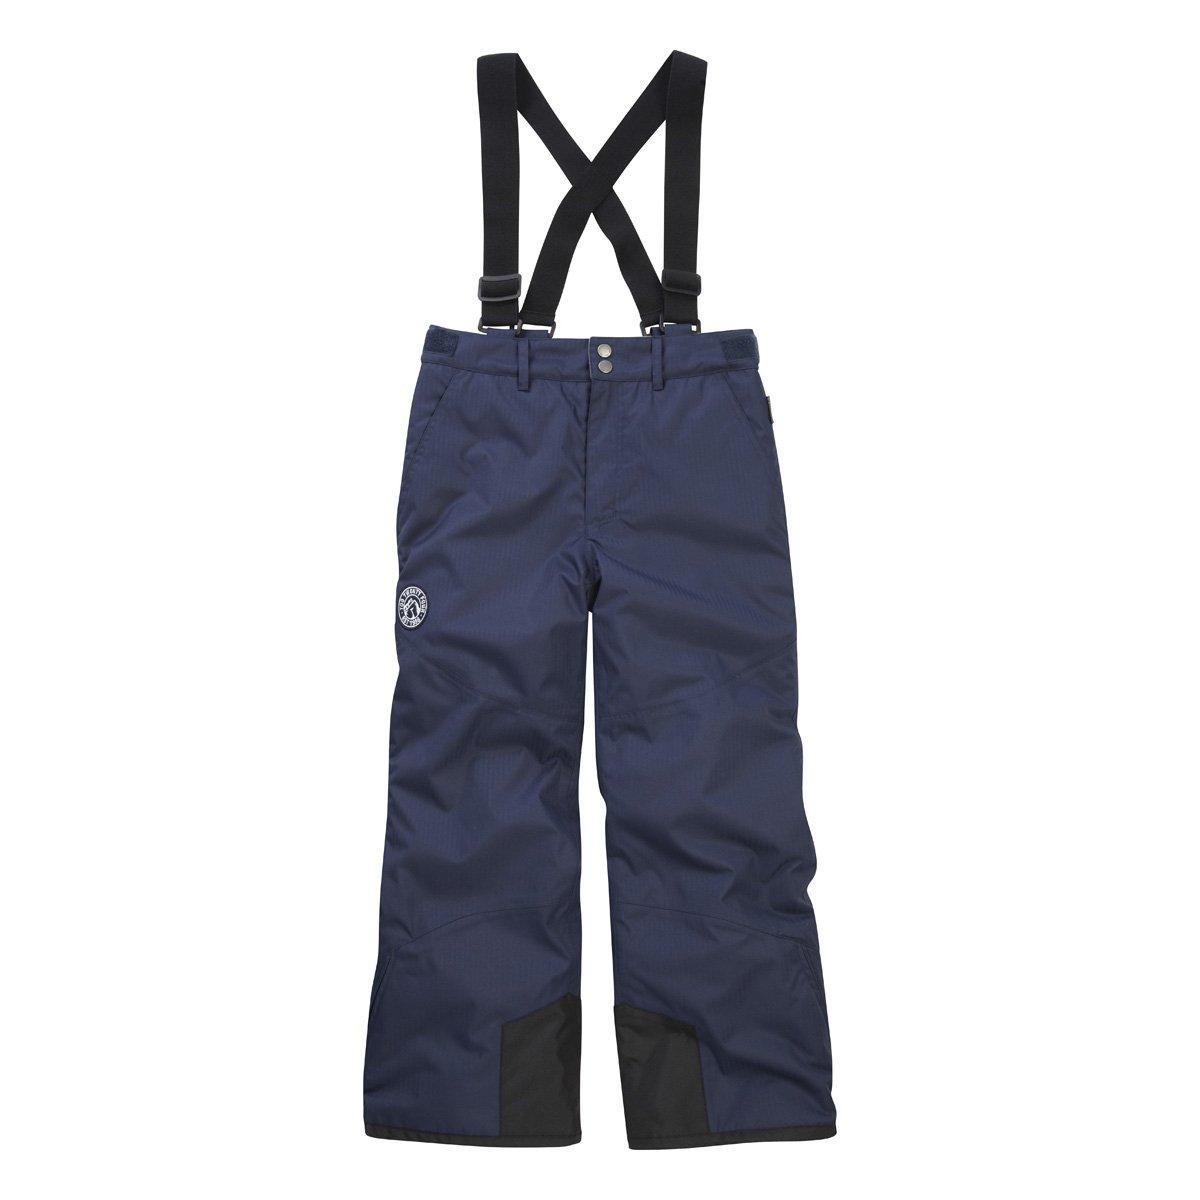 TOG 24 - Pantalon De Ski Milatex Enfant Slide Bleu Fonce -